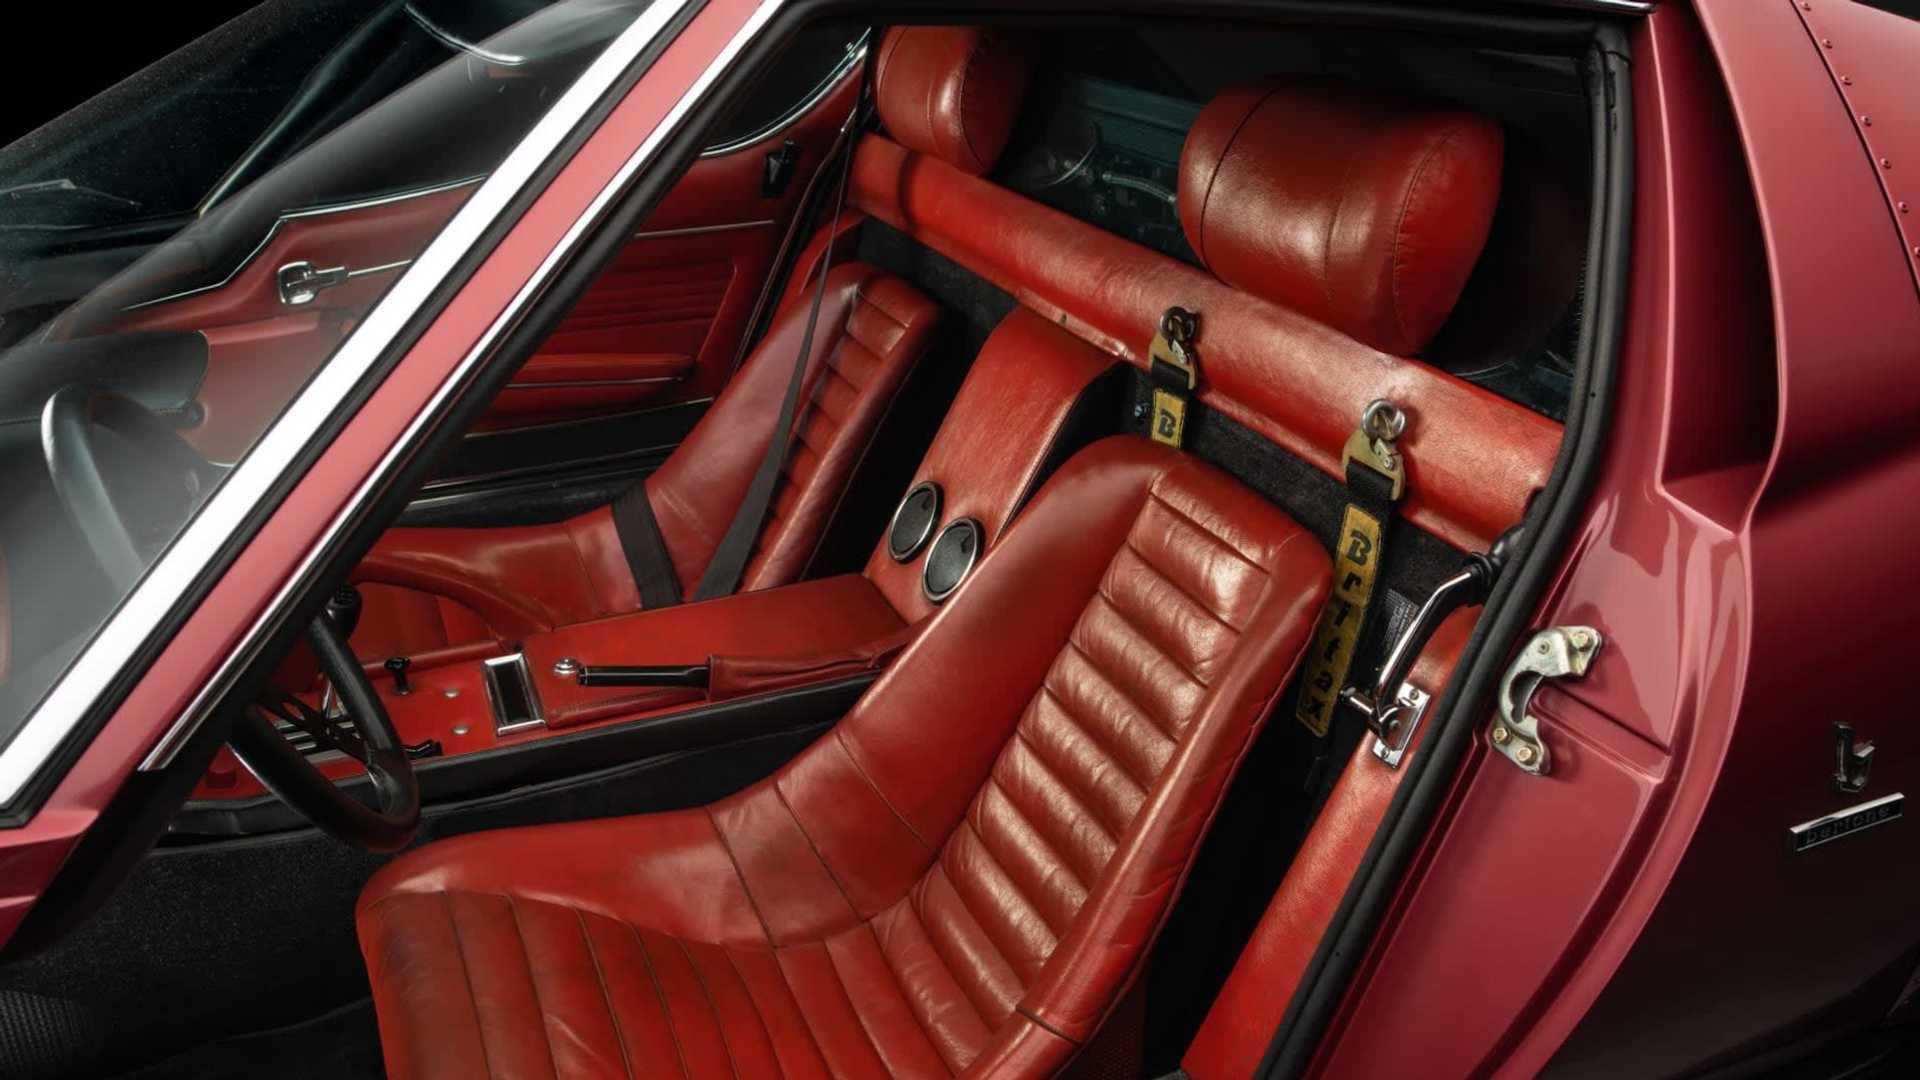 Lamborghini_Miura_SVJ_sale-0005